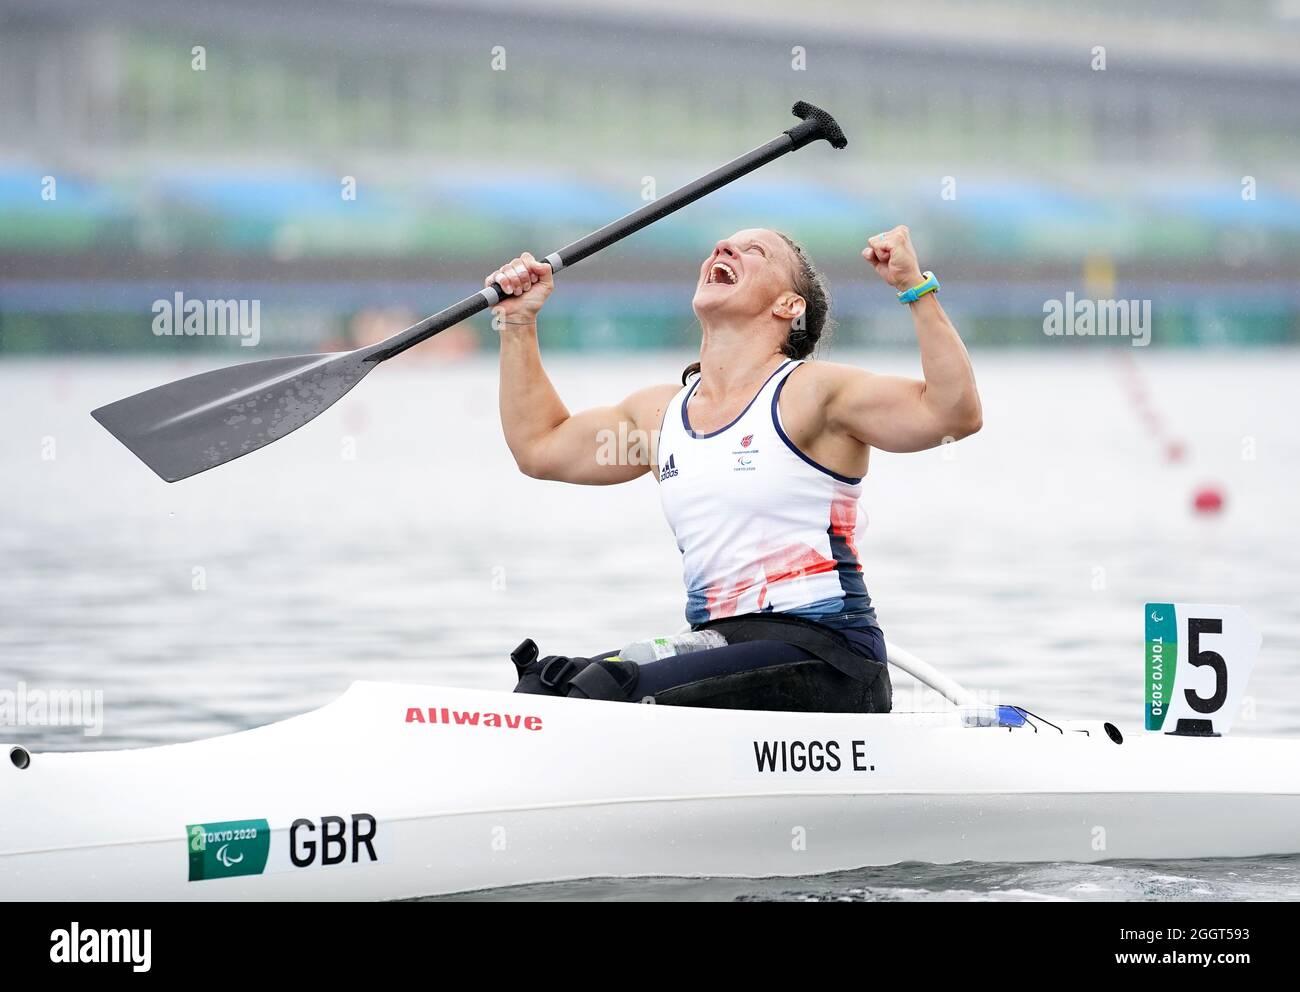 Emma Wiggs della Gran Bretagna celebra la vittoria della medaglia d'oro nella Va'a Single 200m - VL2 finale A della Sea Forest Waterway durante il giorno dieci dei Giochi Paralimpici di Tokyo 2020 in Giappone. Data foto: Venerdì 3 settembre 2021. Foto Stock